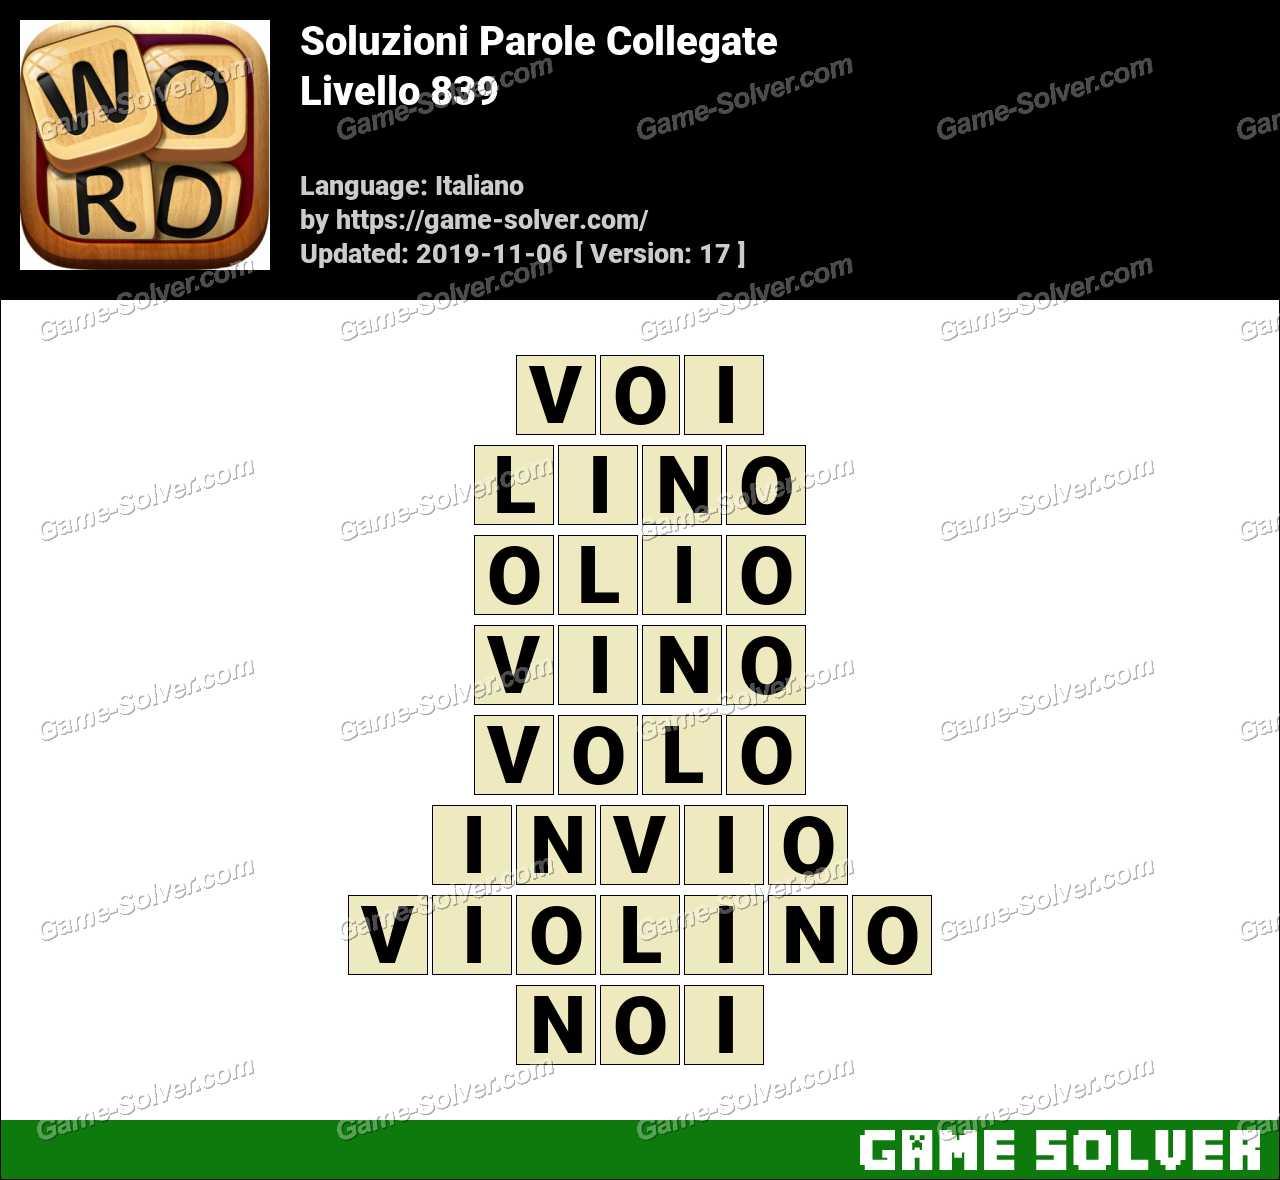 Soluzioni Parole Collegate Livello 839